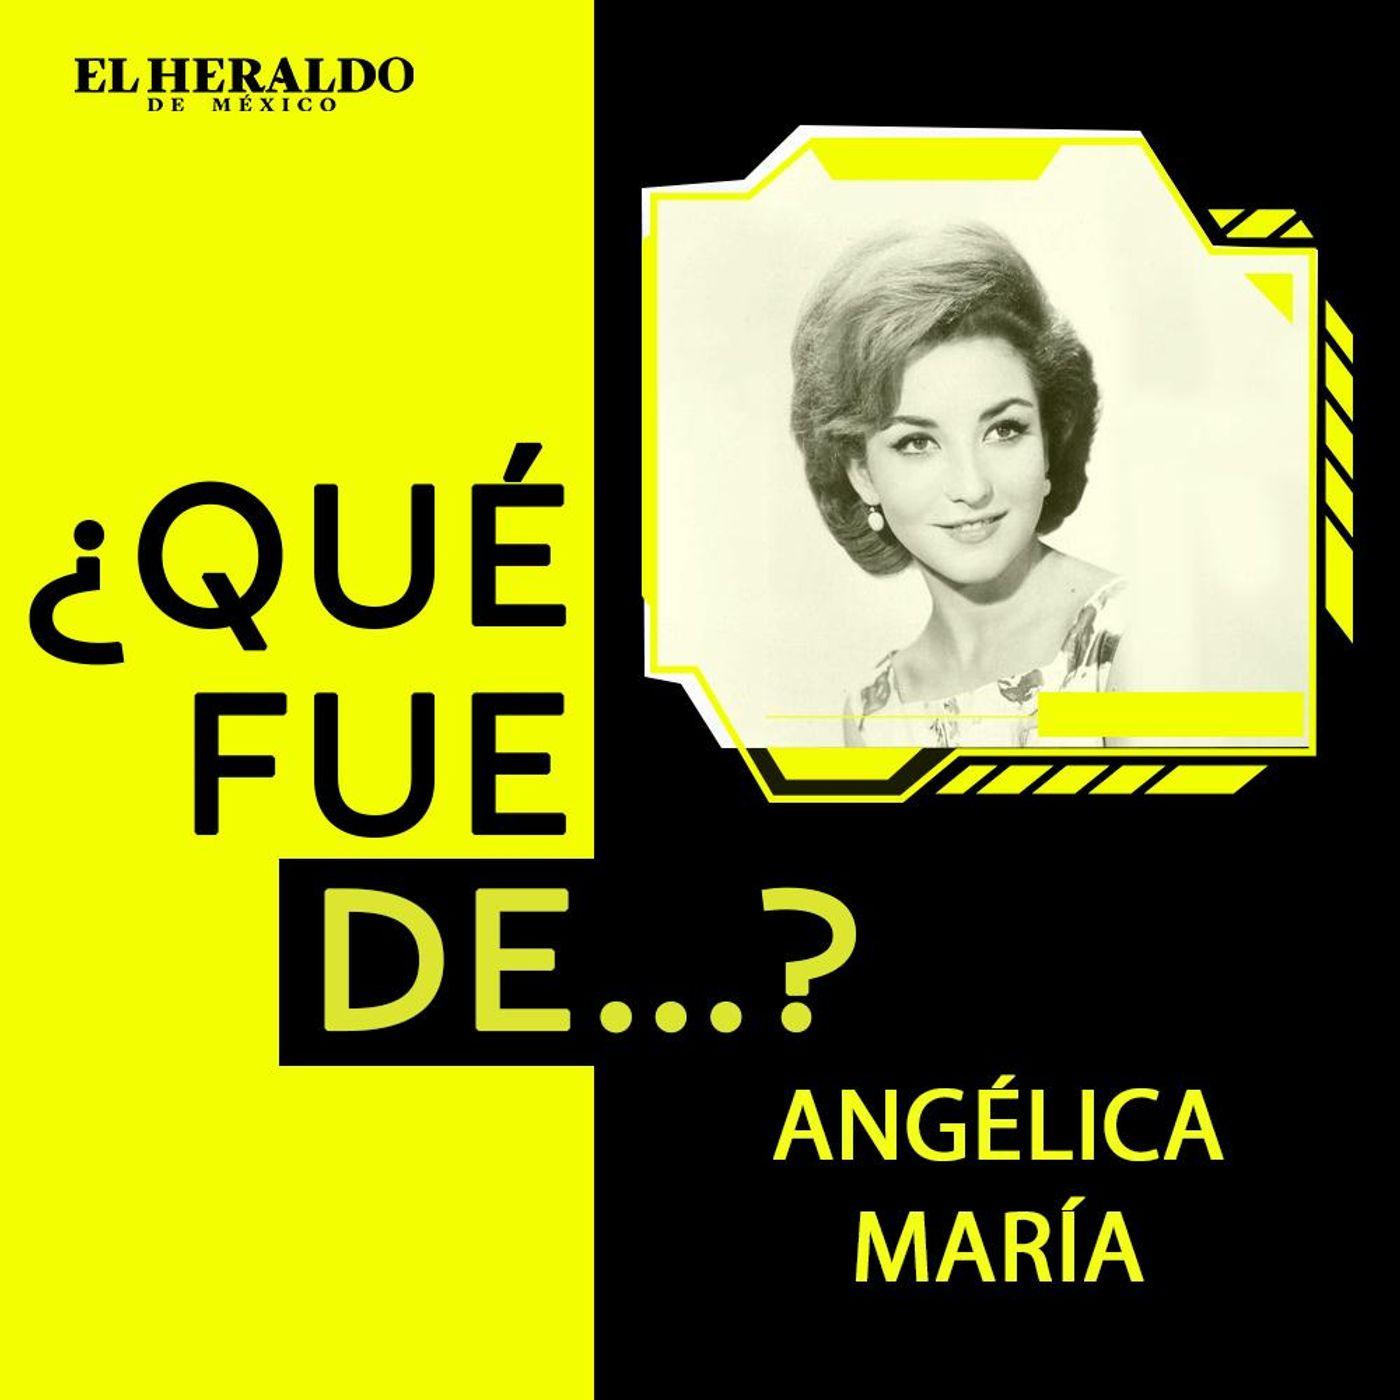 ¿Qué fue de...? Angélica María